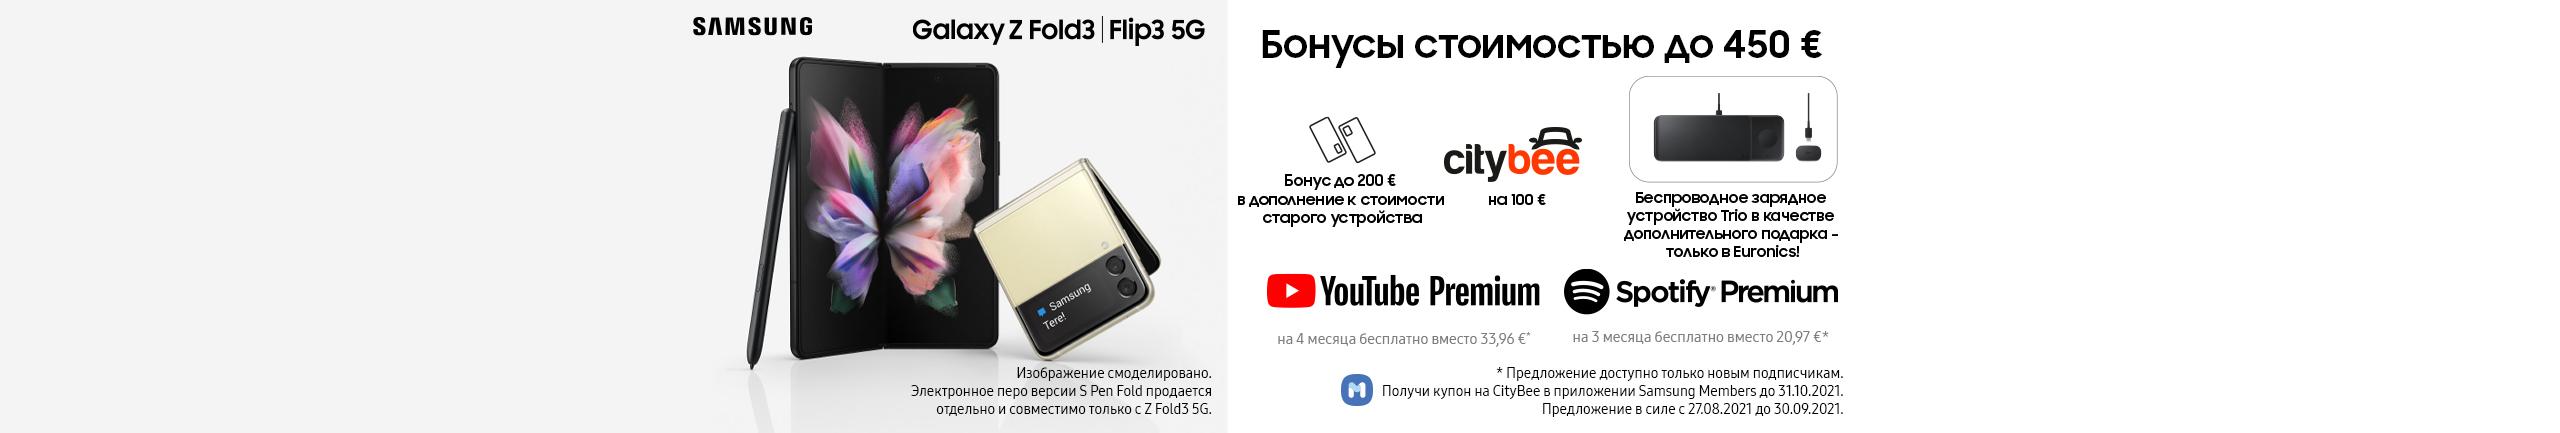 Купите Samsung Galaxy Z Flip 3 и получите в подарок беспроводное зарядное устройство!